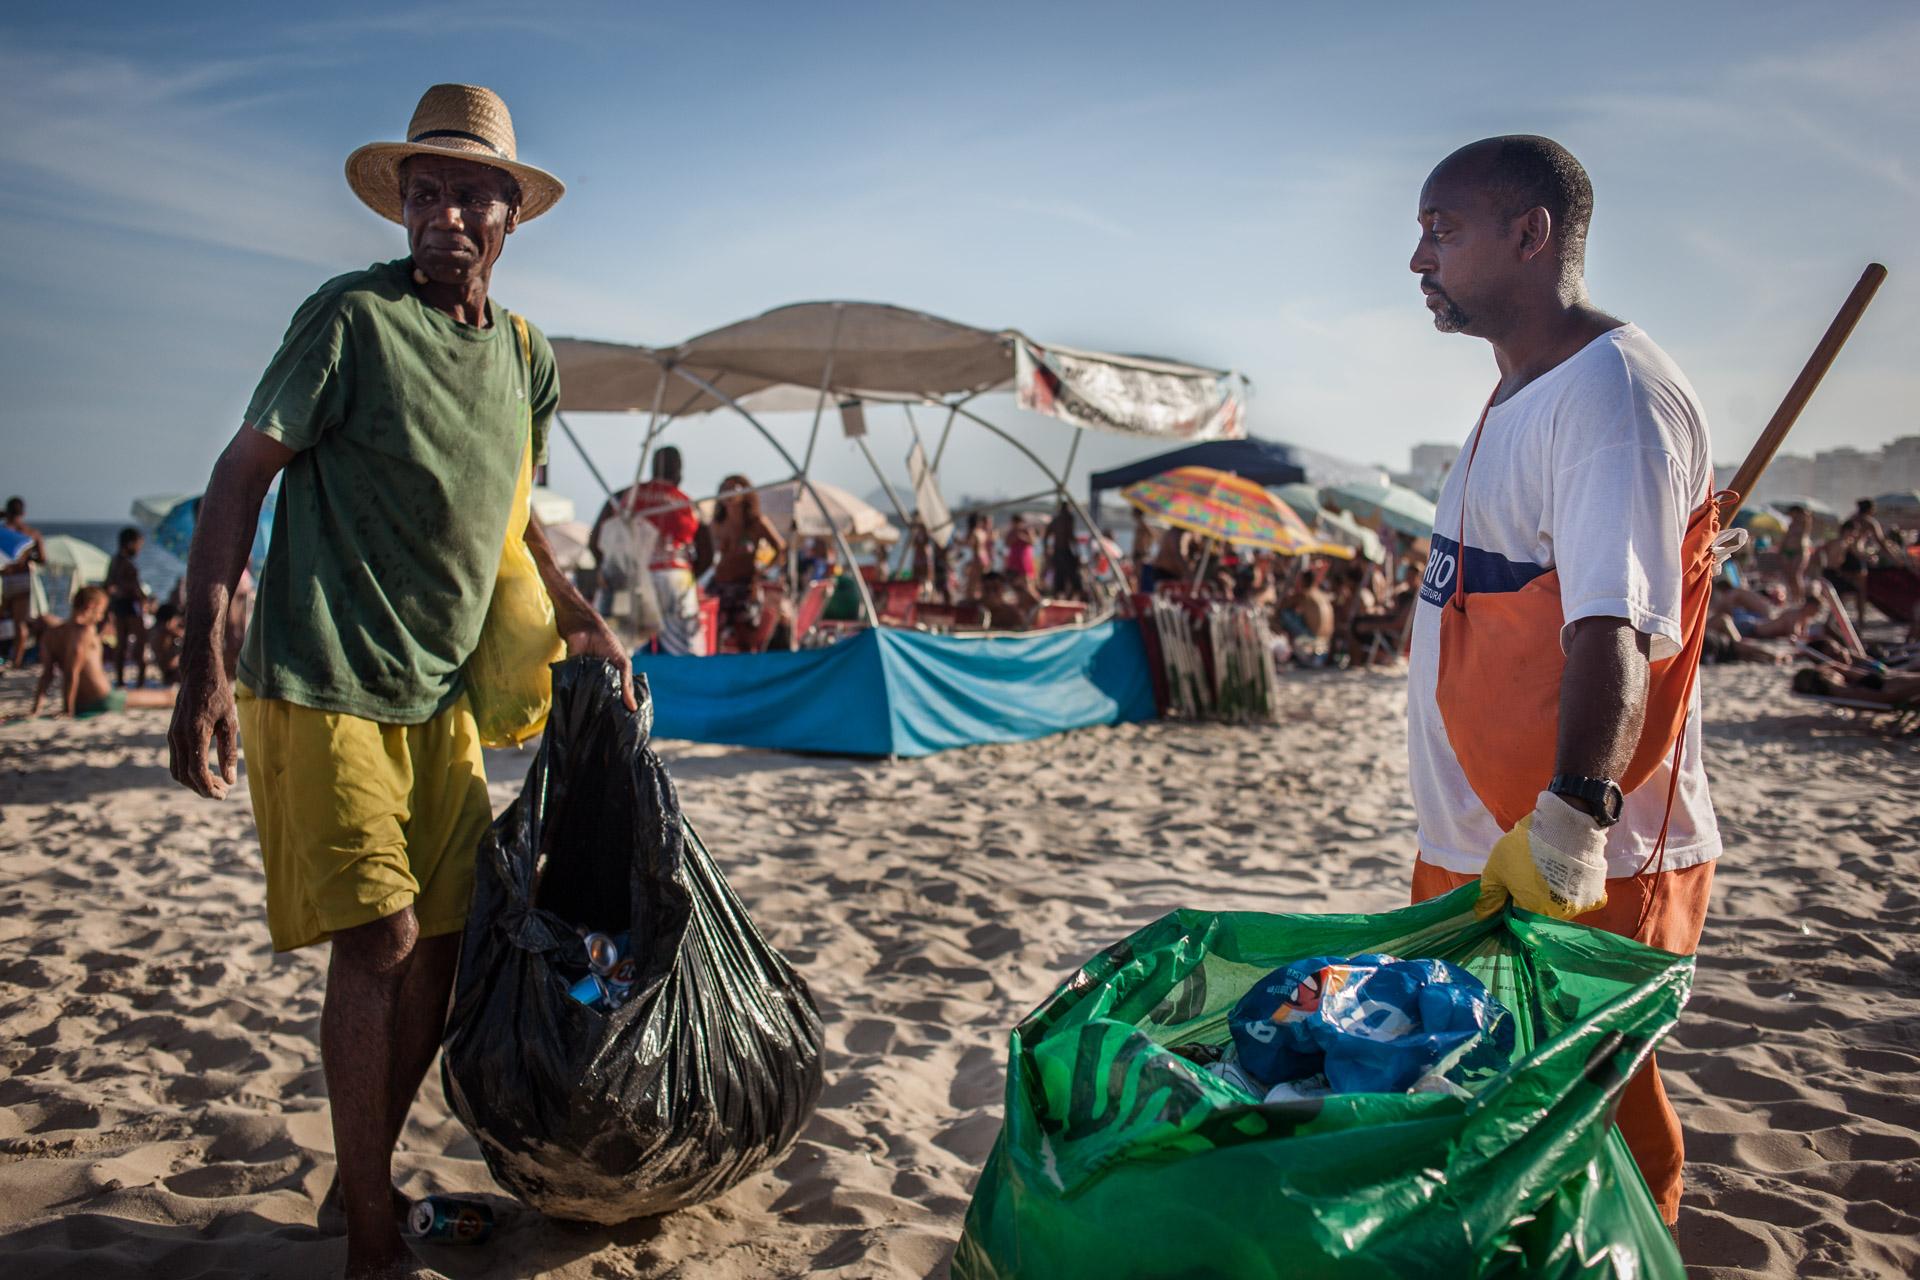 Rio de Janeiro, le 20 Novembre 2013. Wilsom travaille depuis 16 ans sur la plage de Copacabana. Tous les jours, il donne ses canettes en métal à un ferrailleur.Rio de Janeiro, November 20, 2013. Wilsom working for 16 years on the Copacabana beach. Every day he gives his metal cans to a scrap merchant.